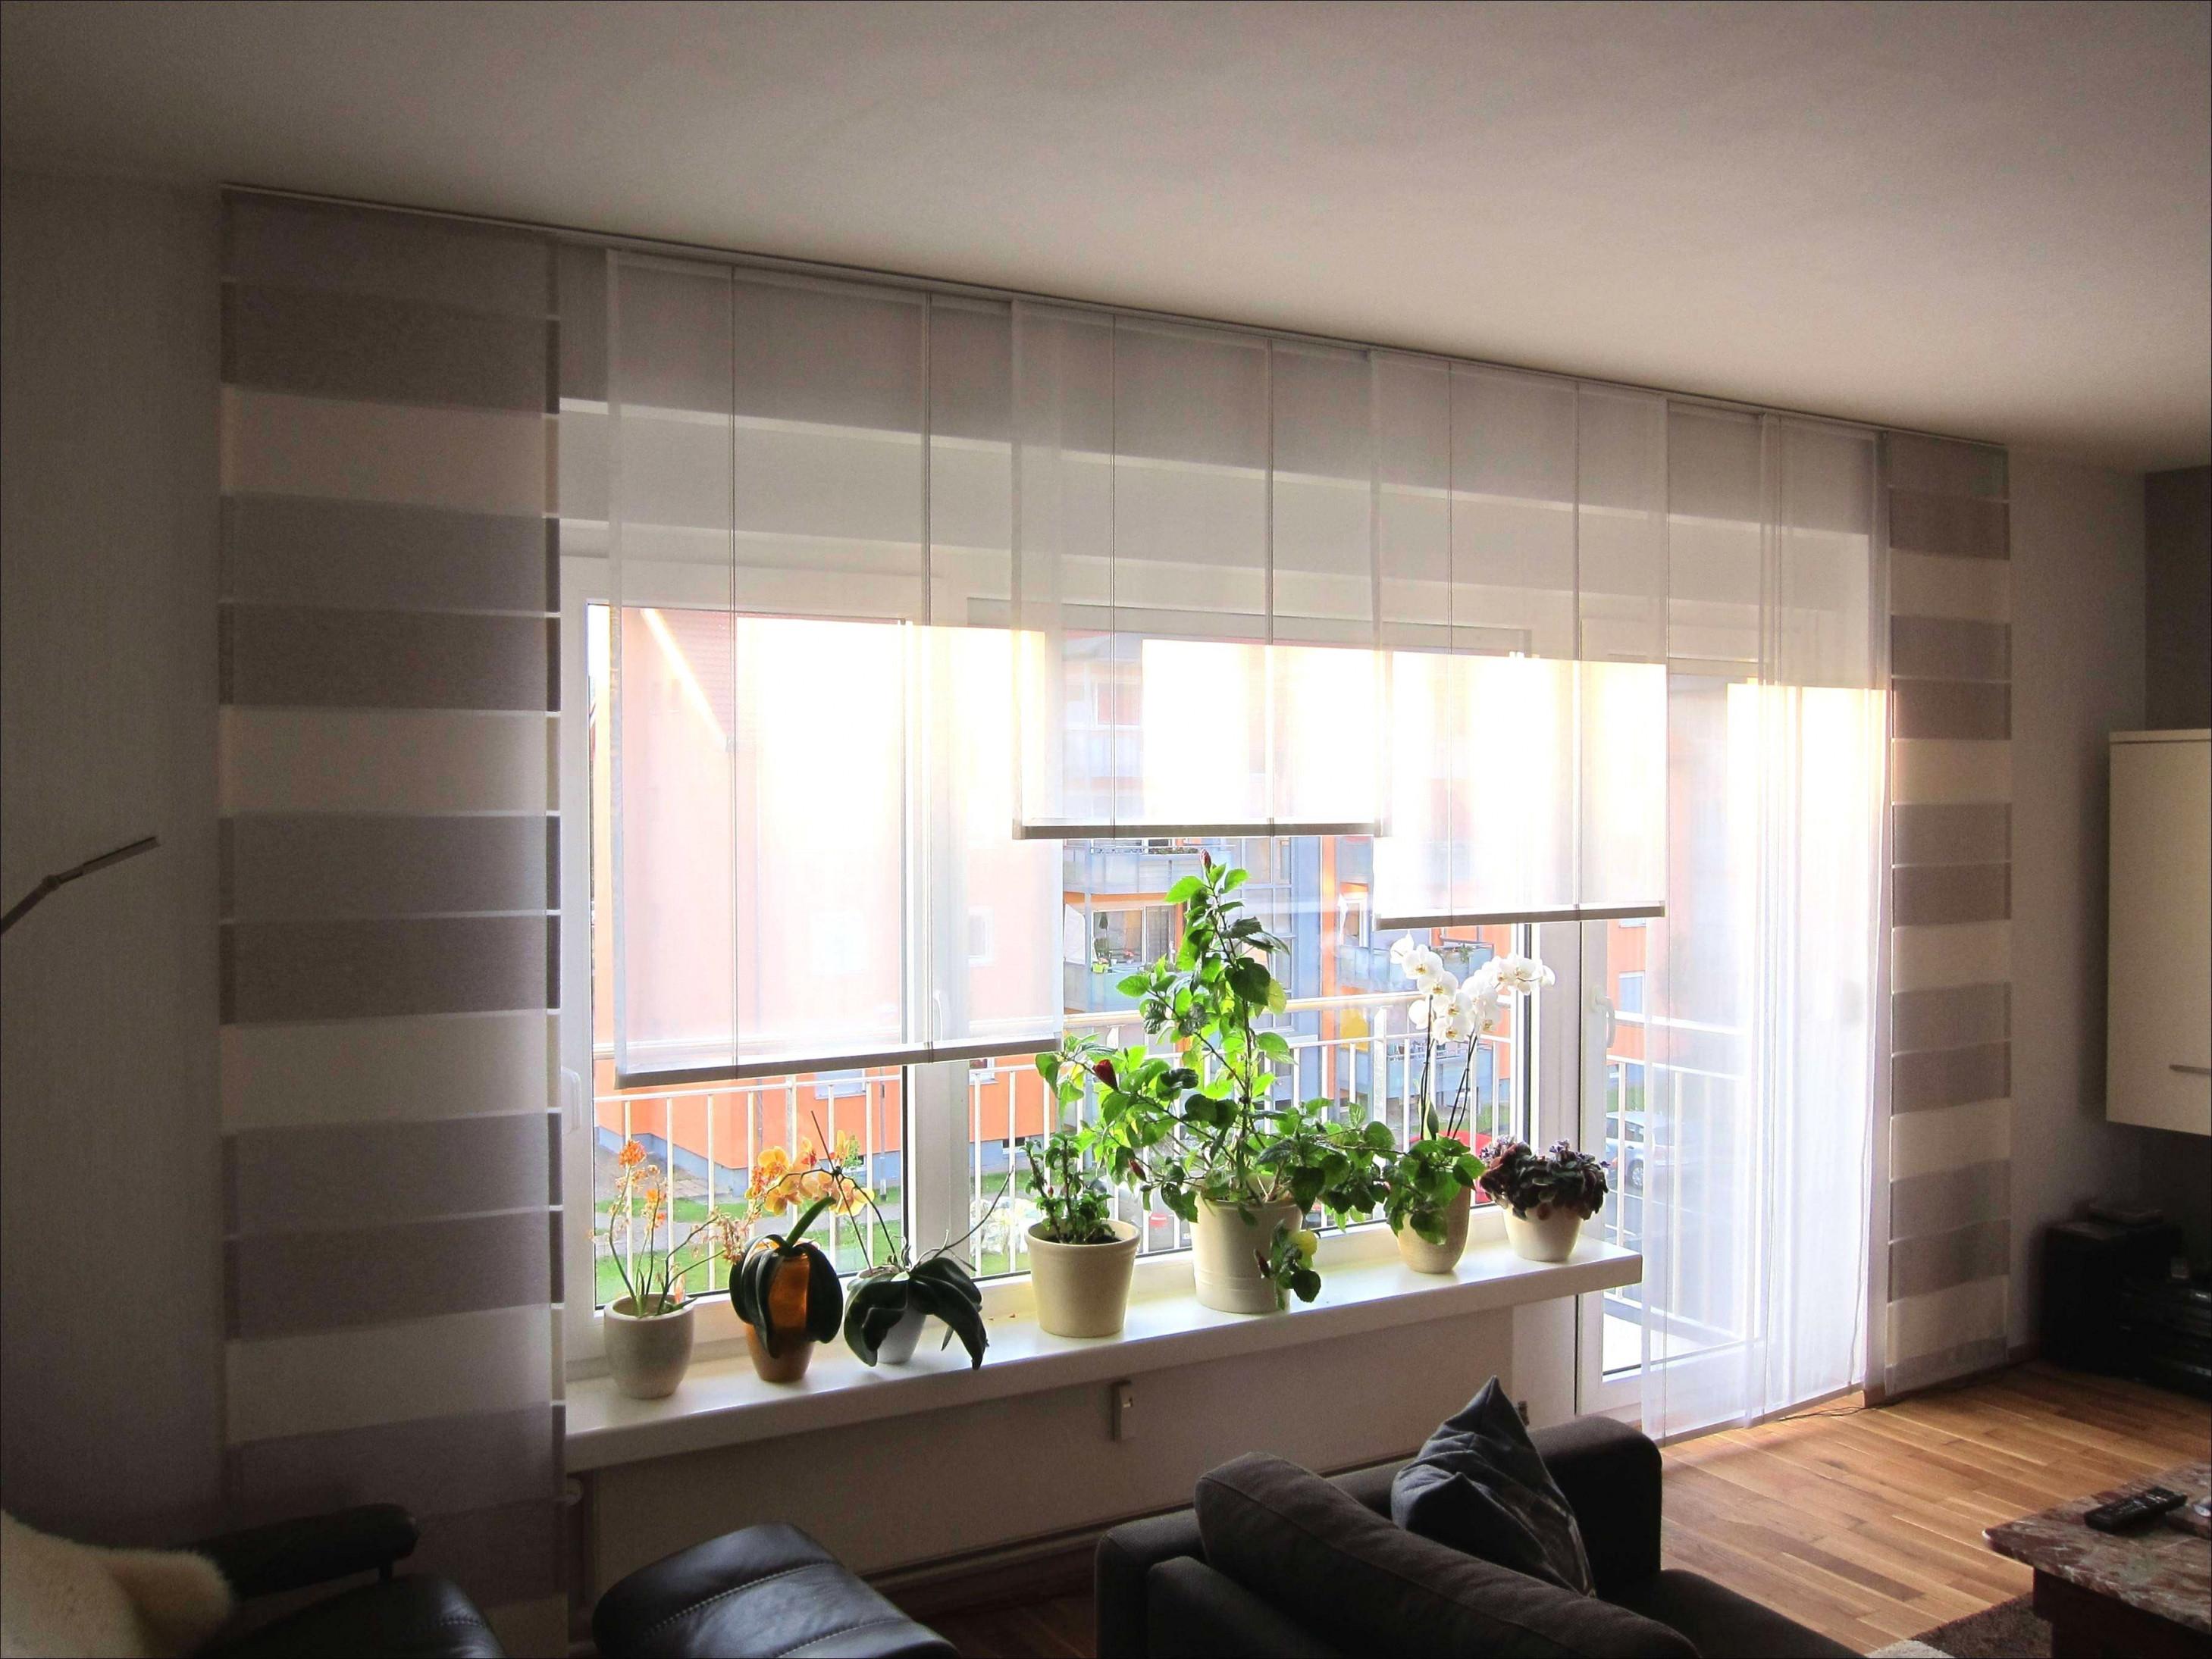 Gardinen Für Wohnzimmer Einzigartig Beste Von Balkontür von Gardinen Wohnzimmer Großes Fenster Bild